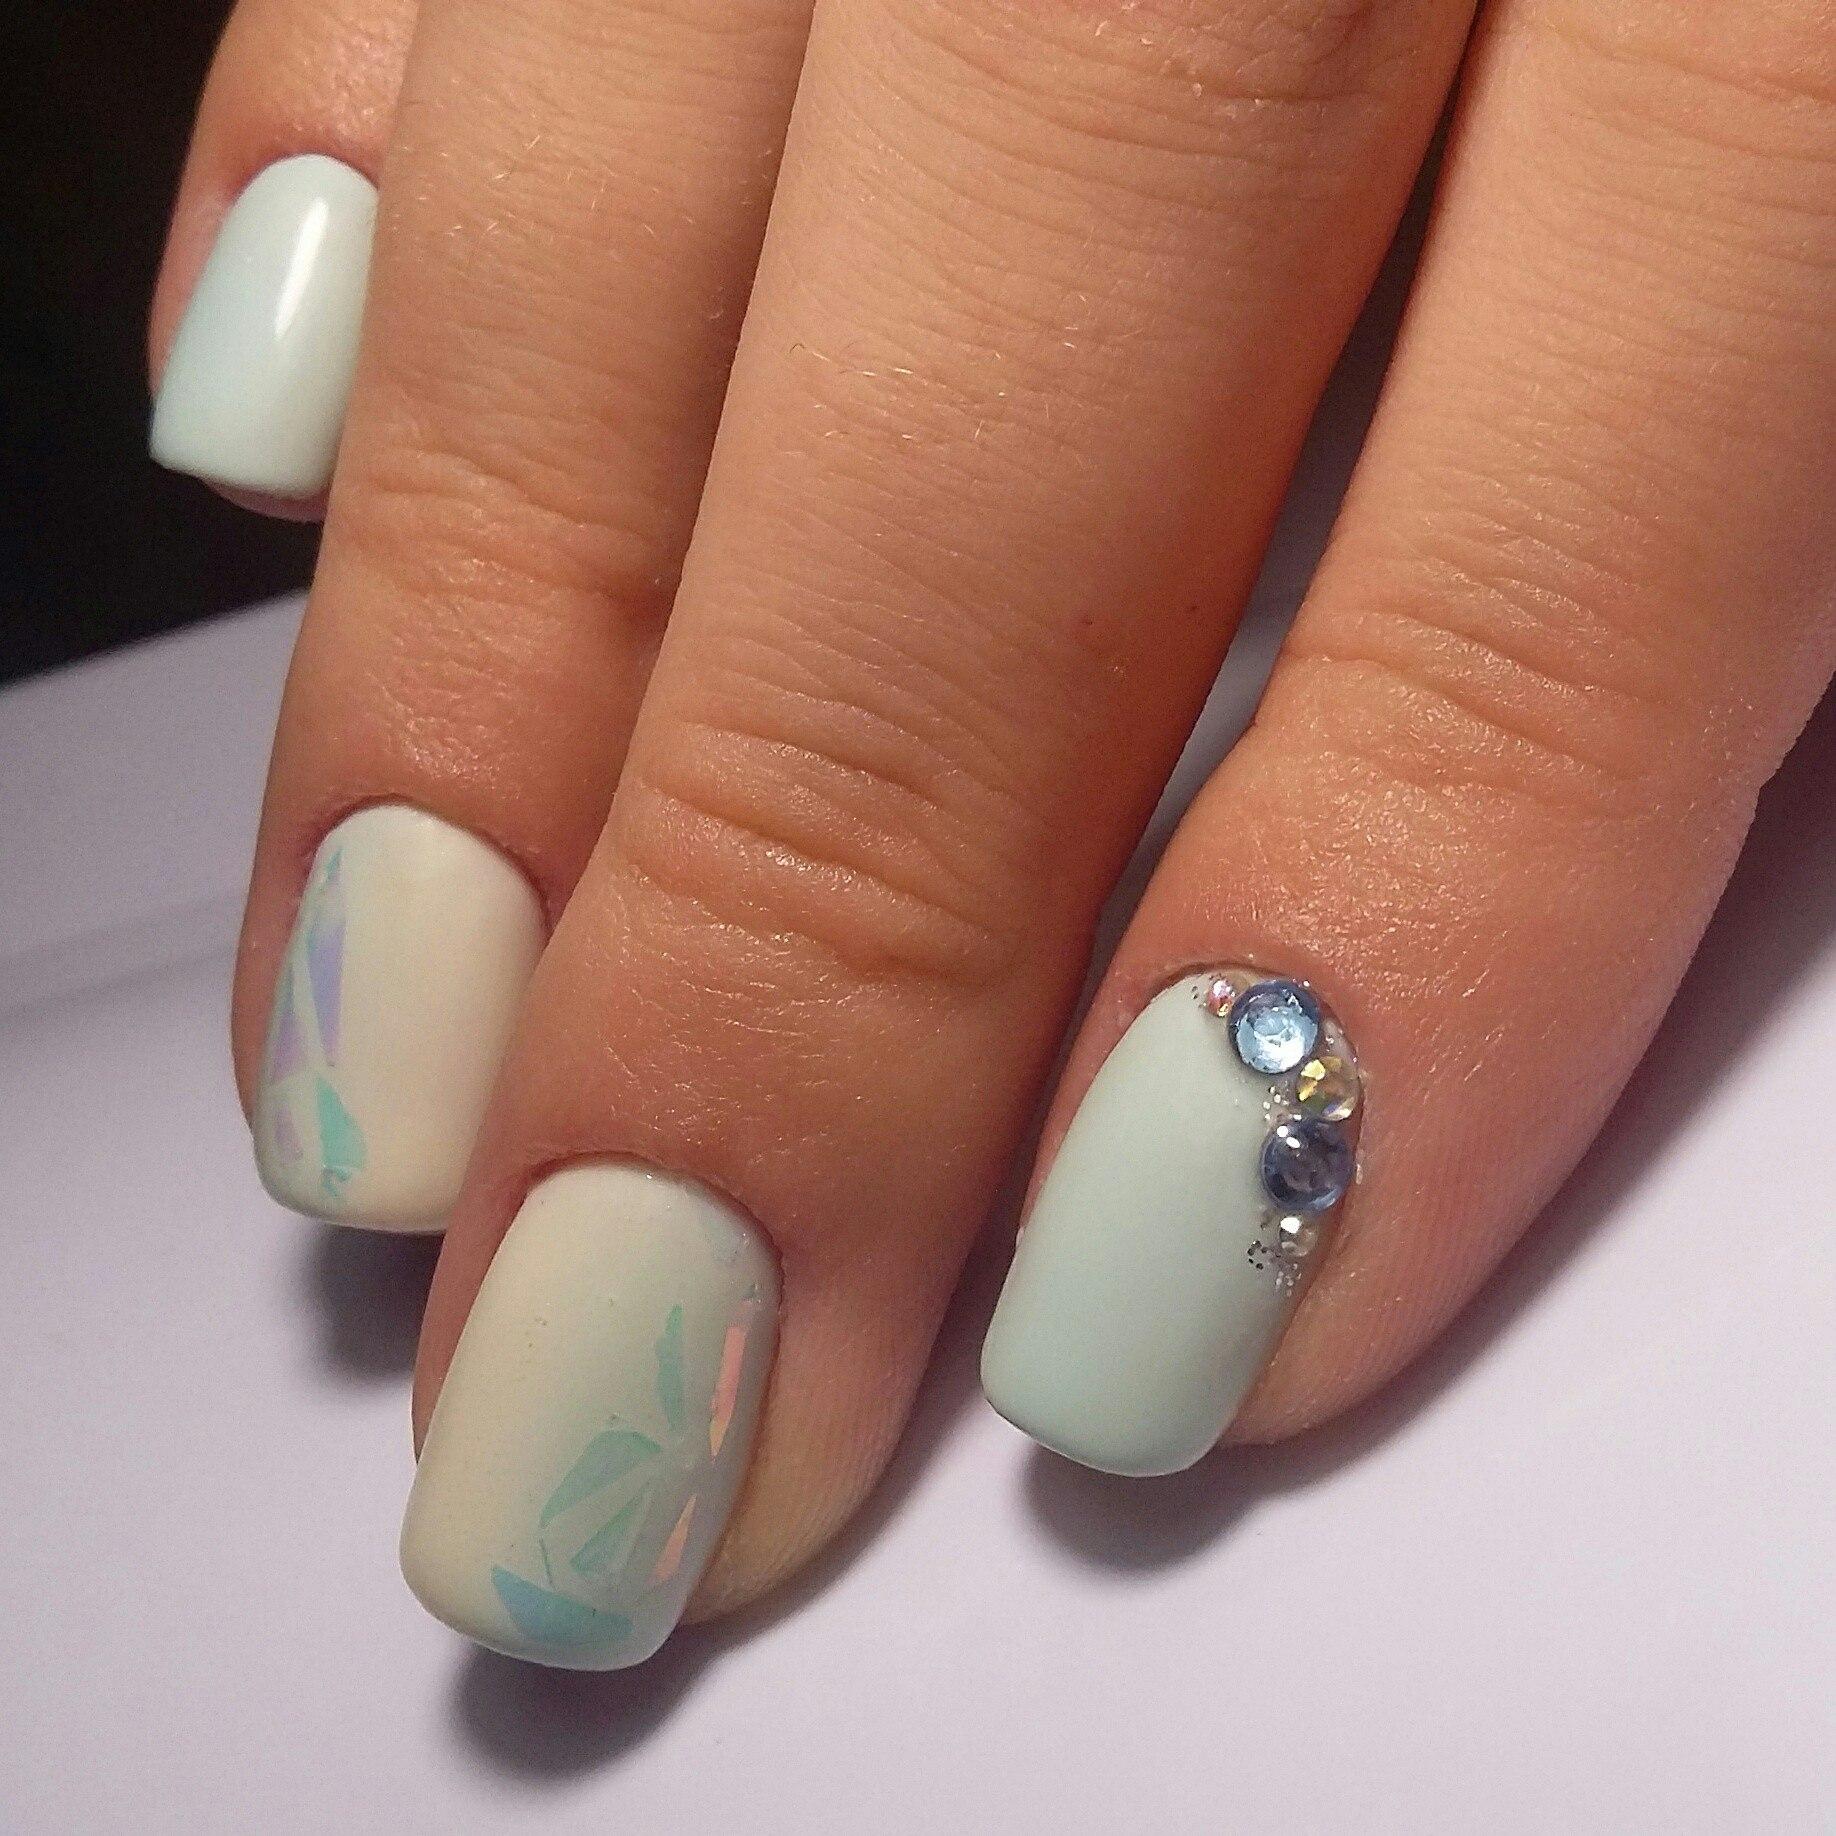 Маникюр с дизайном битое стекло и стразами в пастельных тонах на короткие ногти.